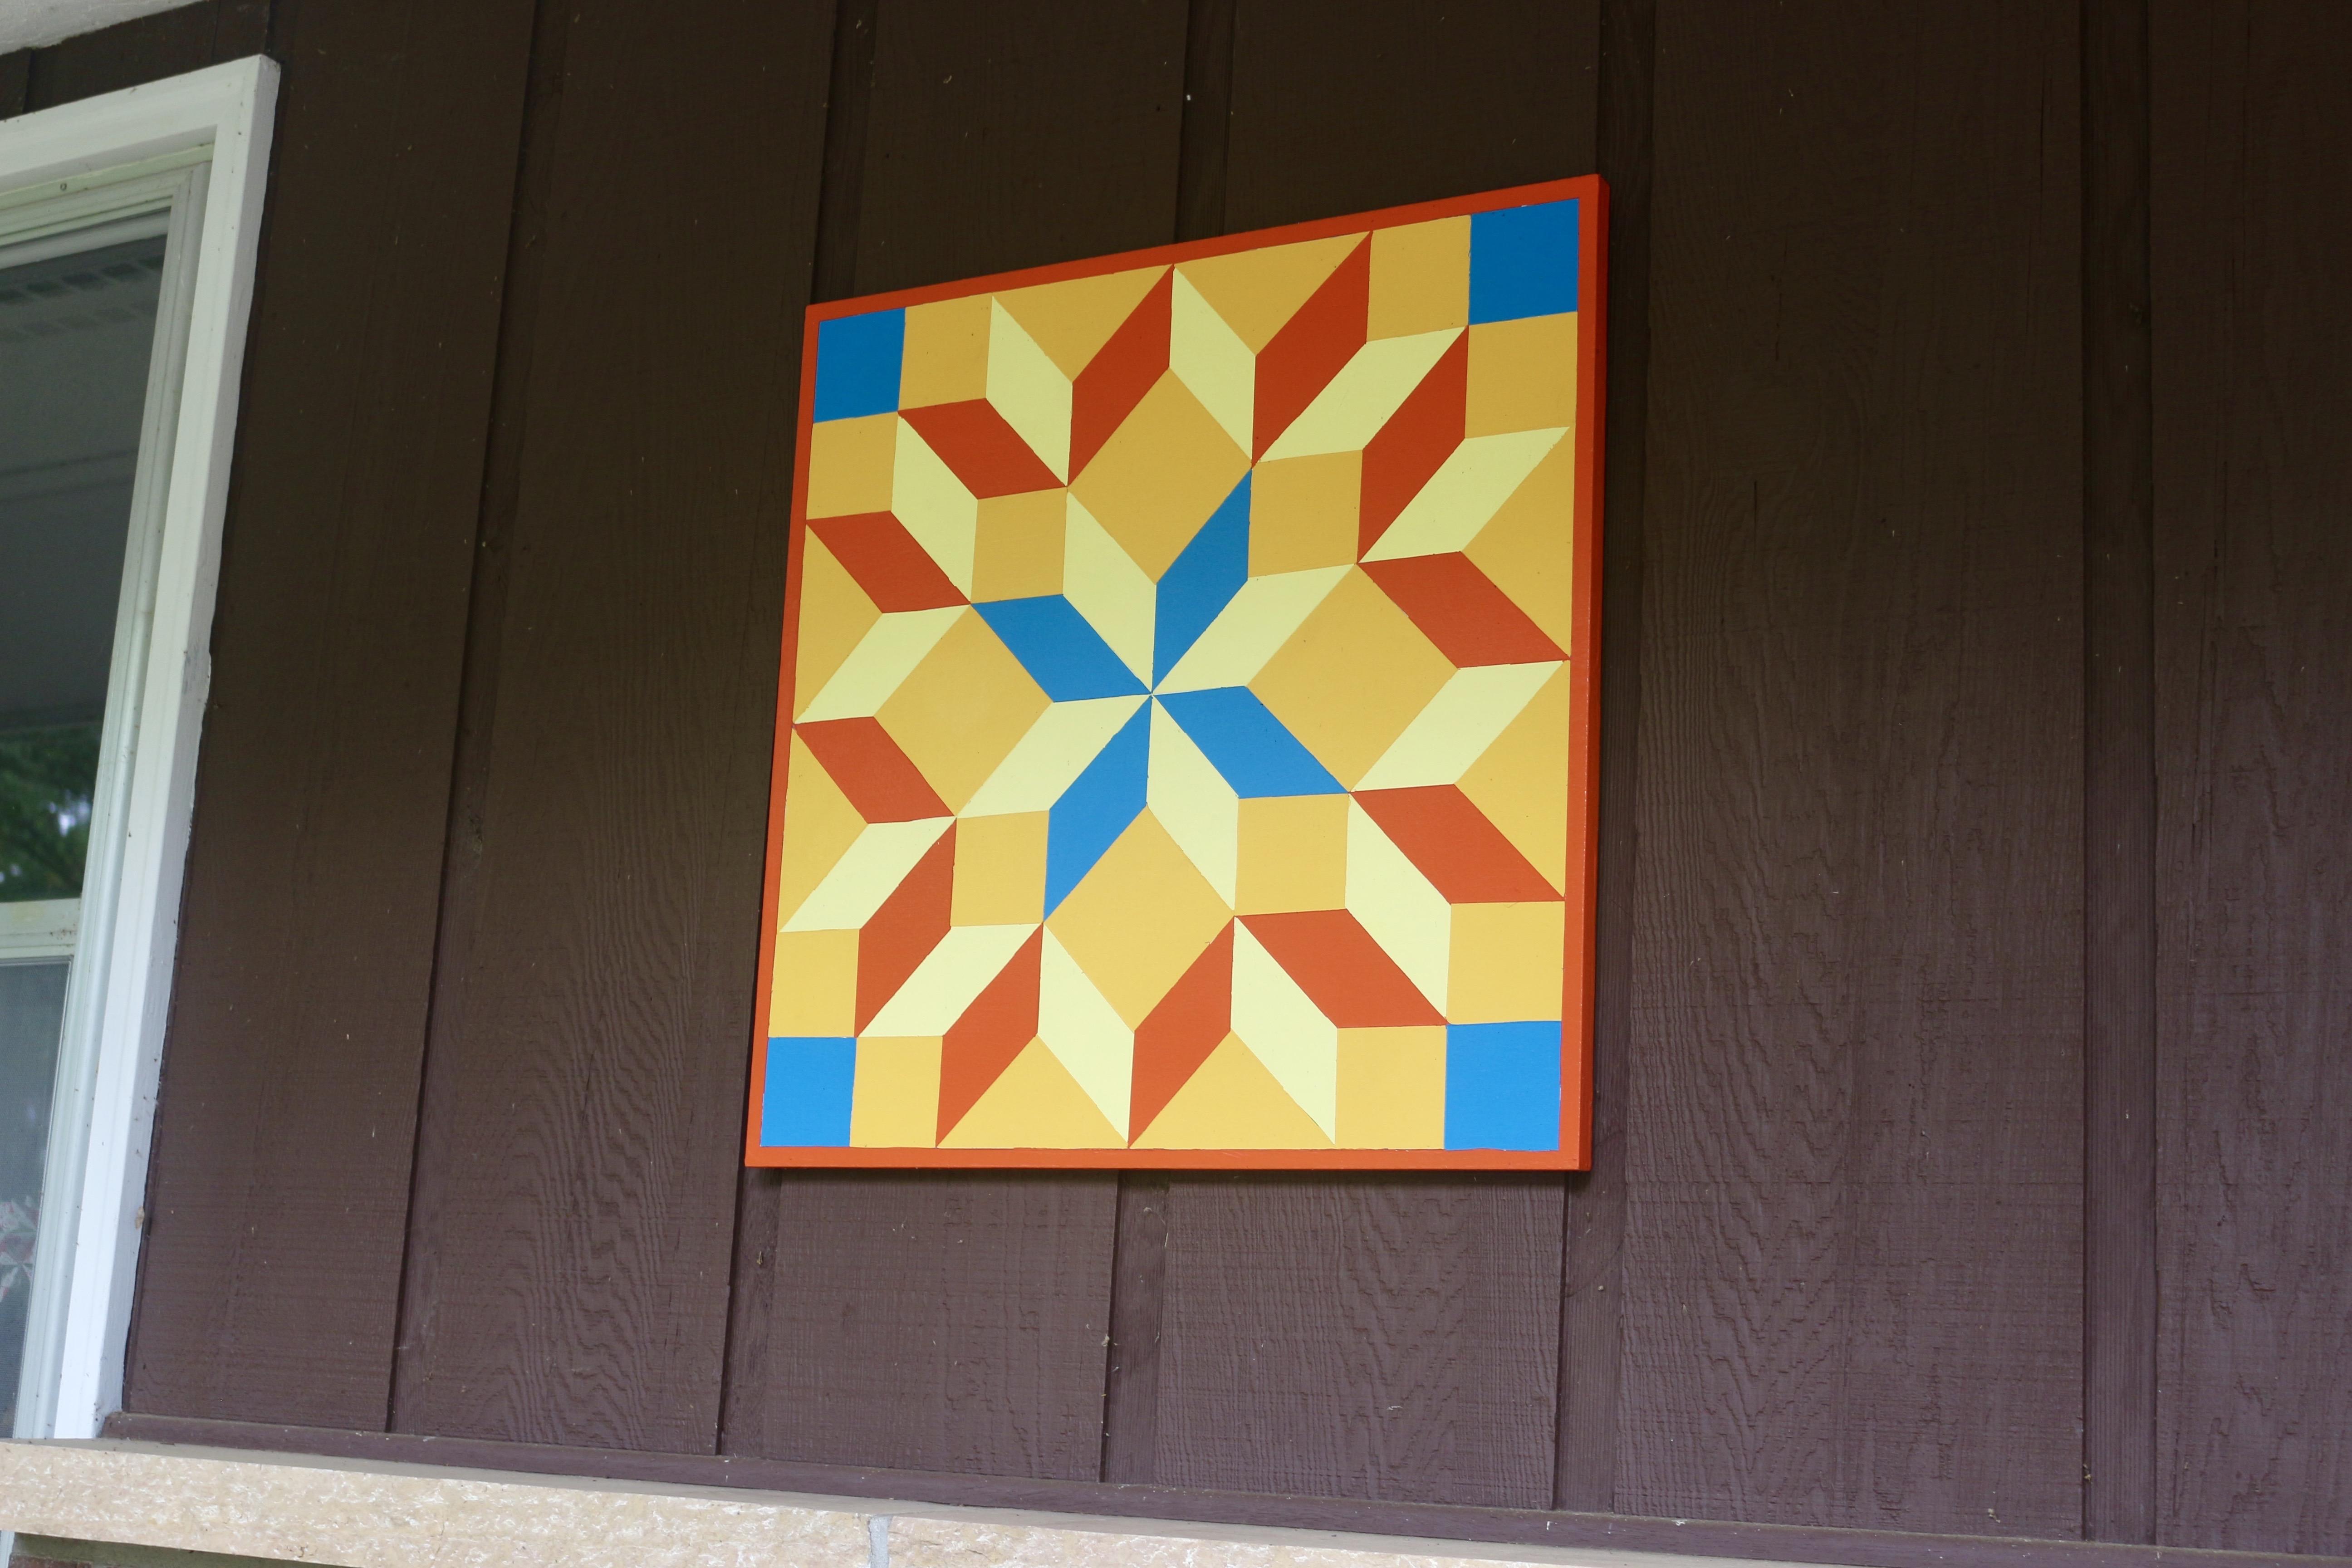 Tumbling Blocks barn quilt